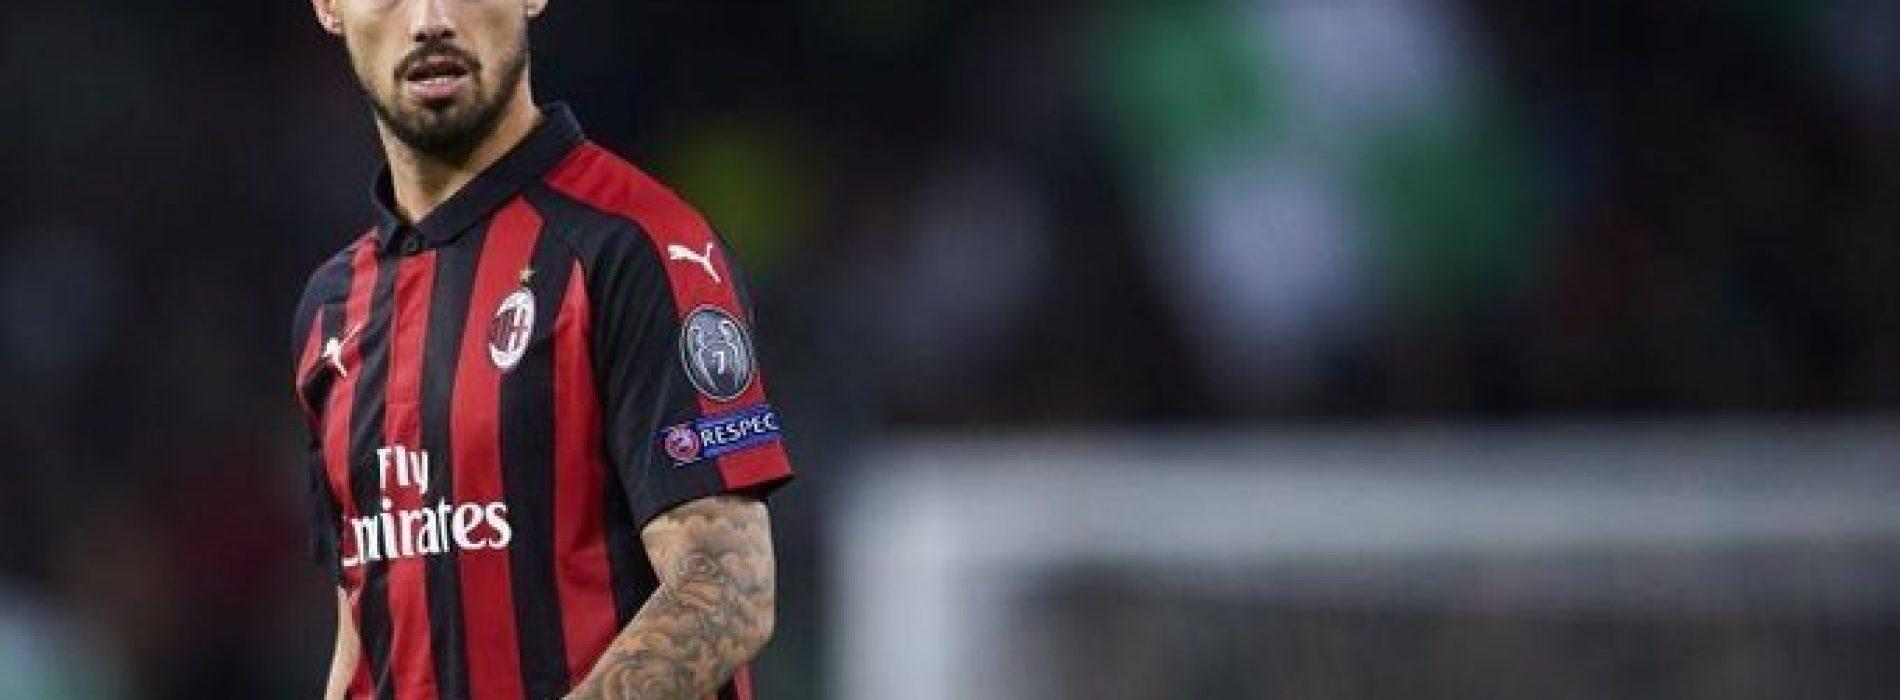 """Suso: """"Il Milan è casa mia. Vi spiego perchè calo dopo dicembre """""""